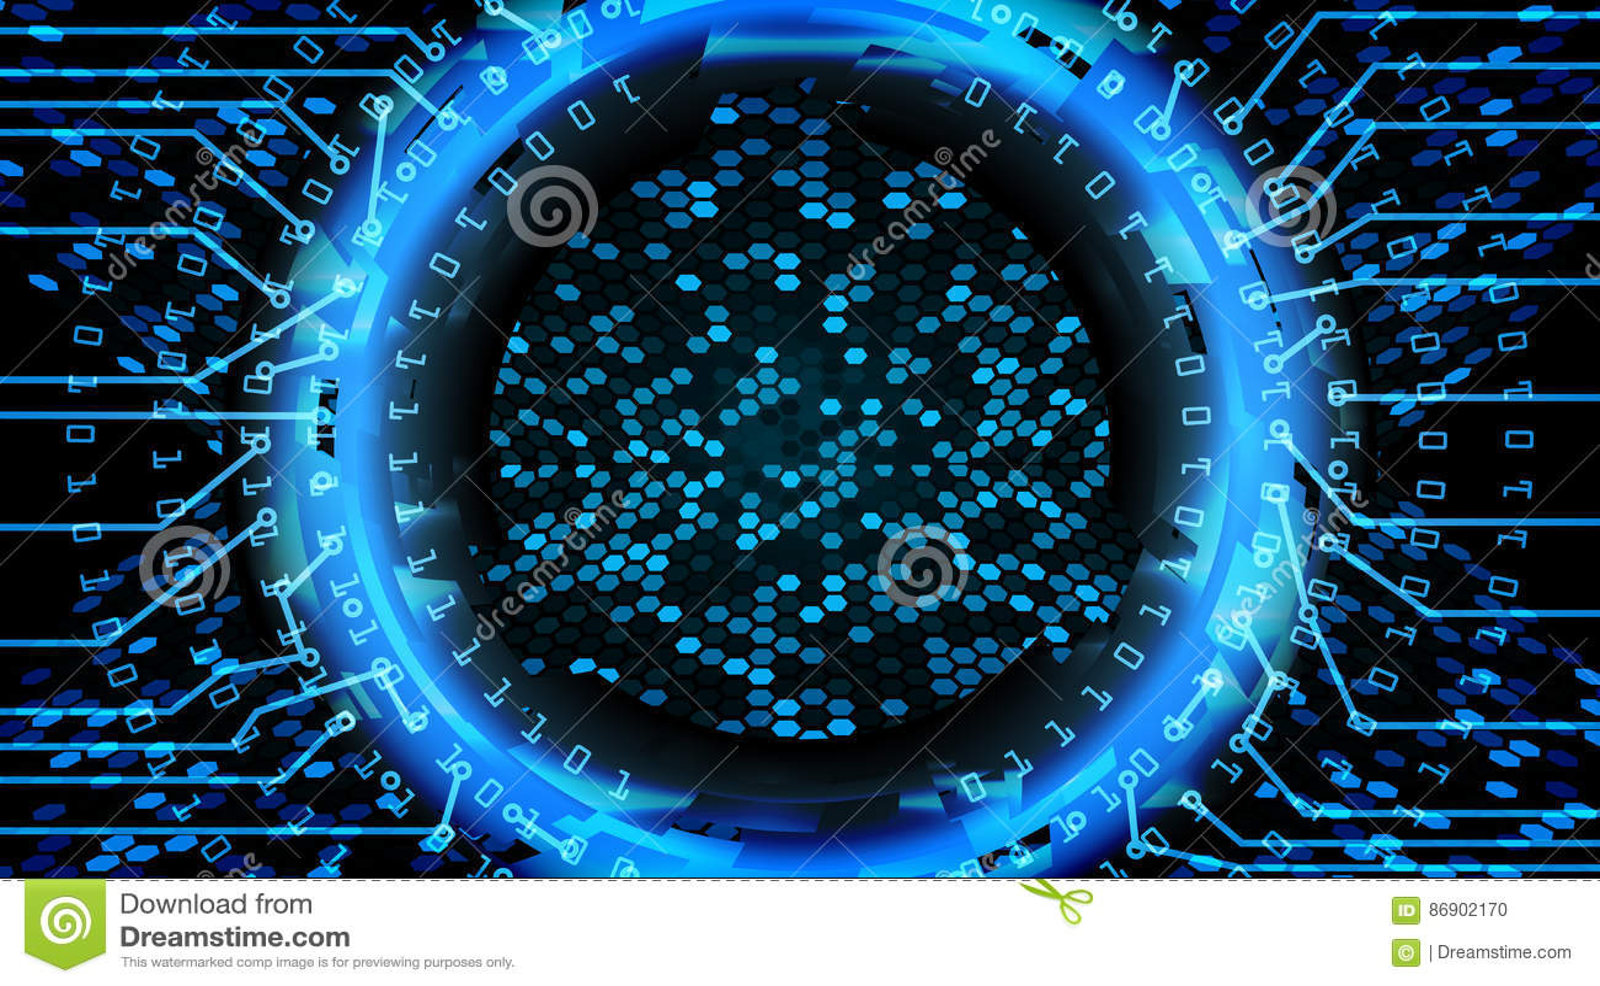 Framtida bakgrund för teknologiCyberbegrepp Abstrakt säkerhetstryck Blått elektroniskt nätverk Design för Digitalt system